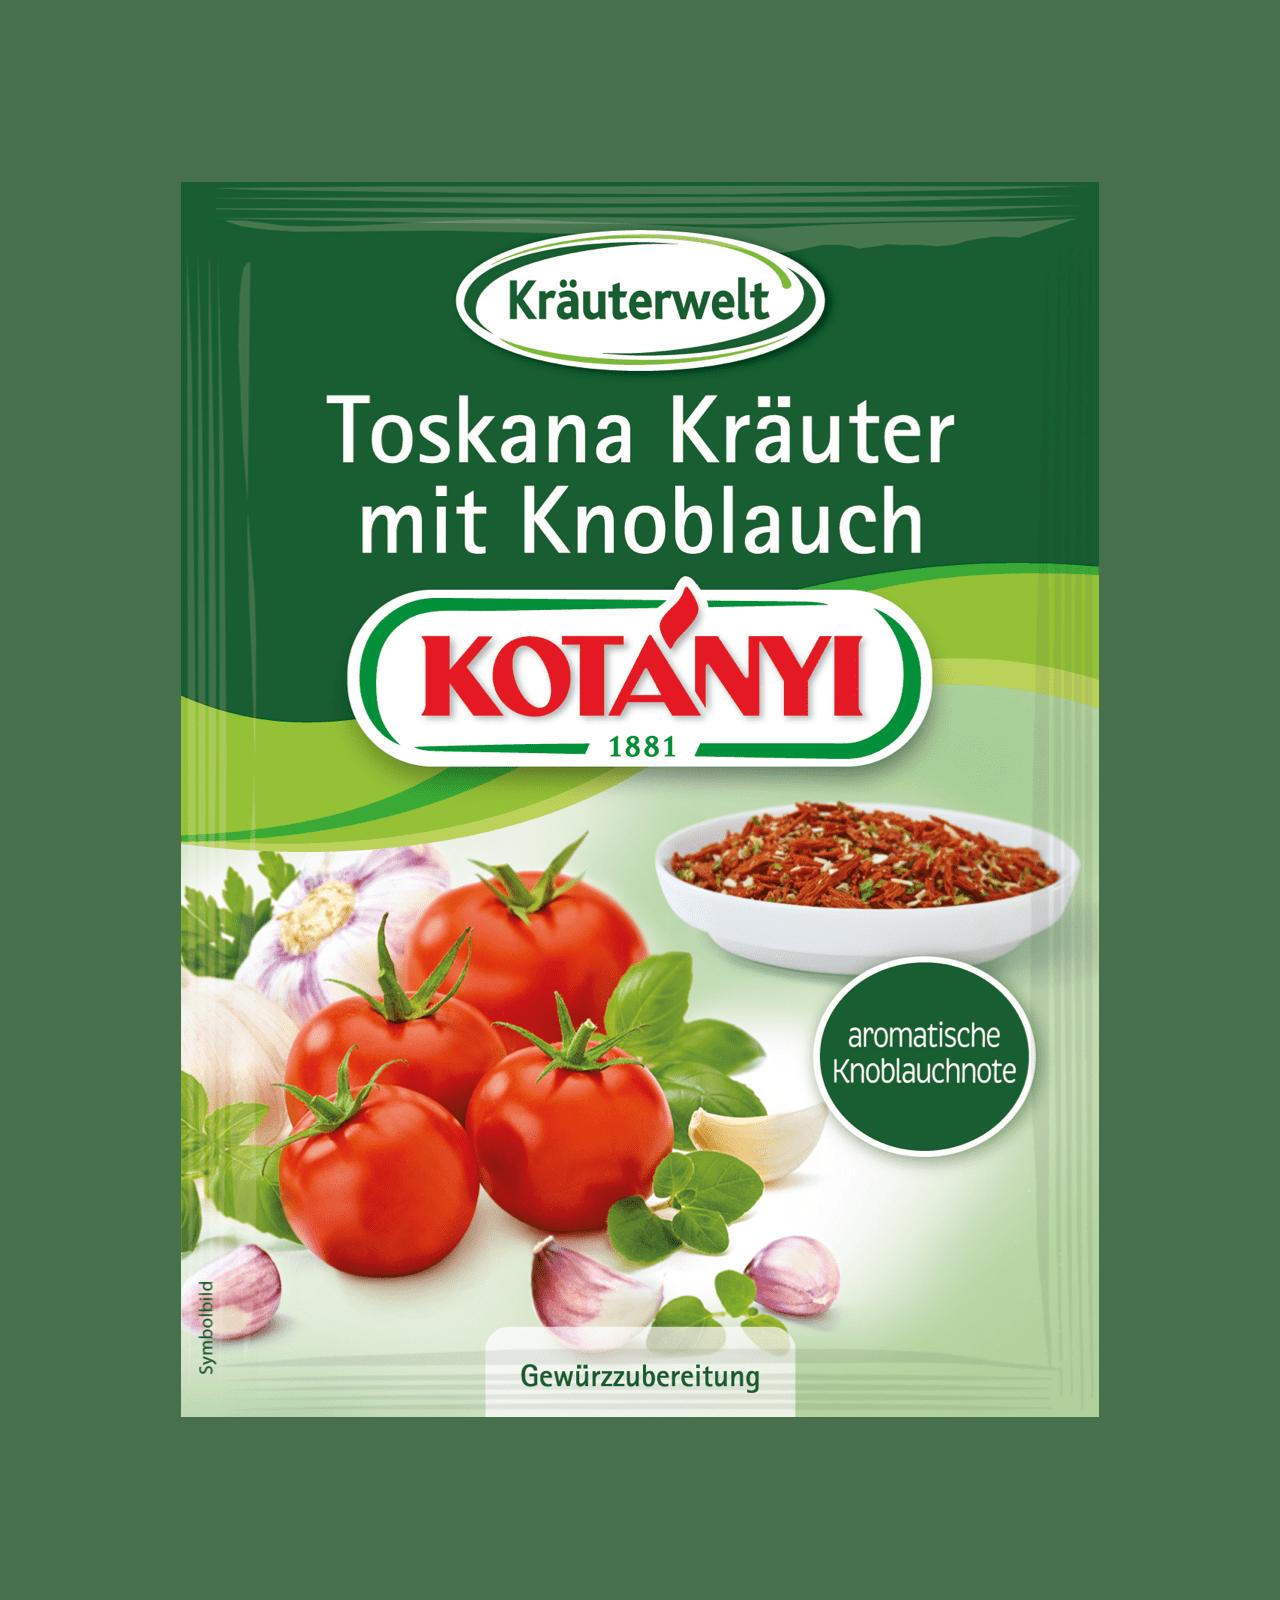 Kotányi Toskana Kräuter mit Knoblauch im Brief